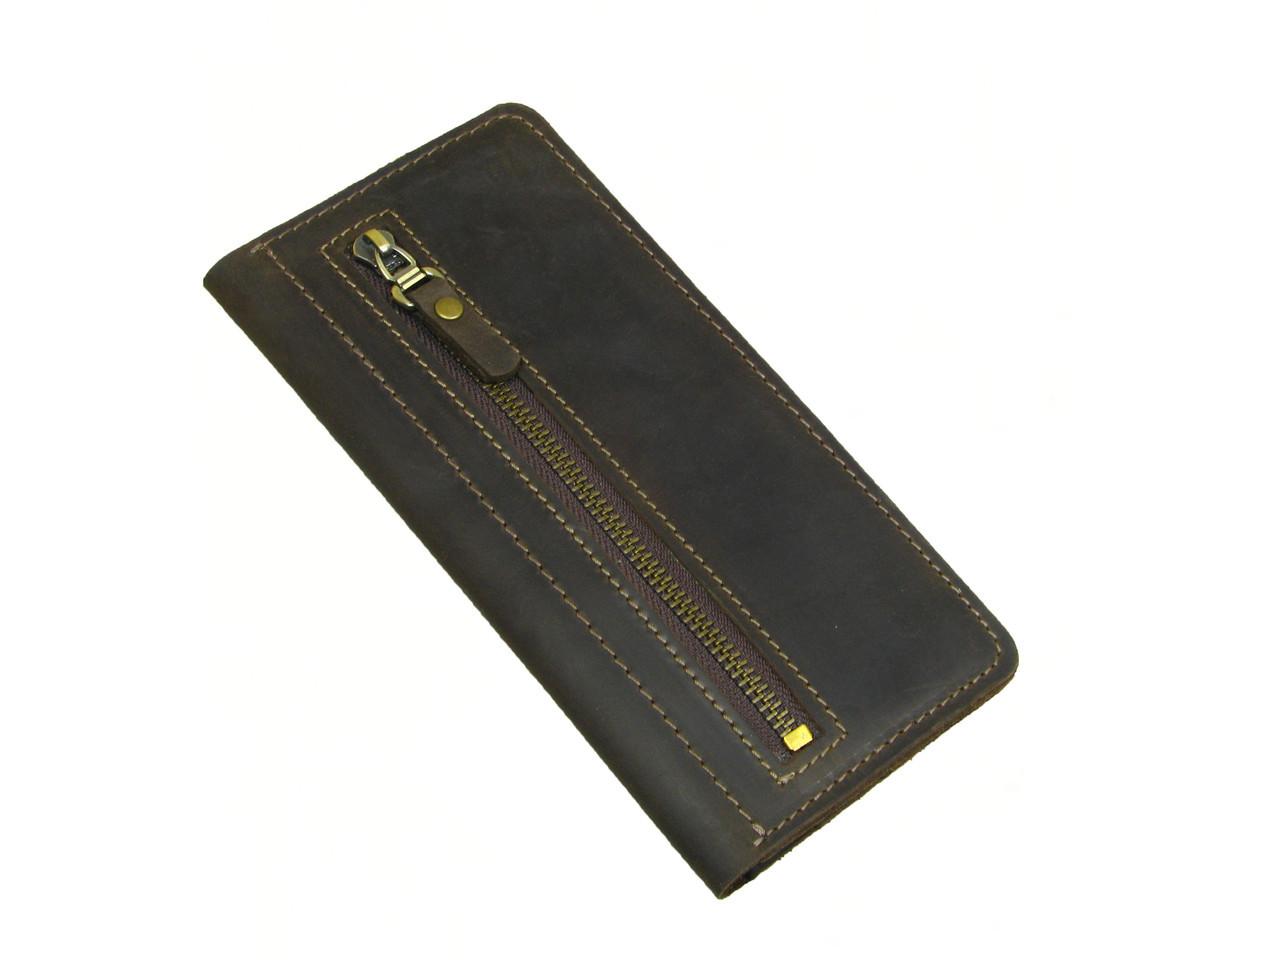 Женский кошелек купюрник GS коричневый